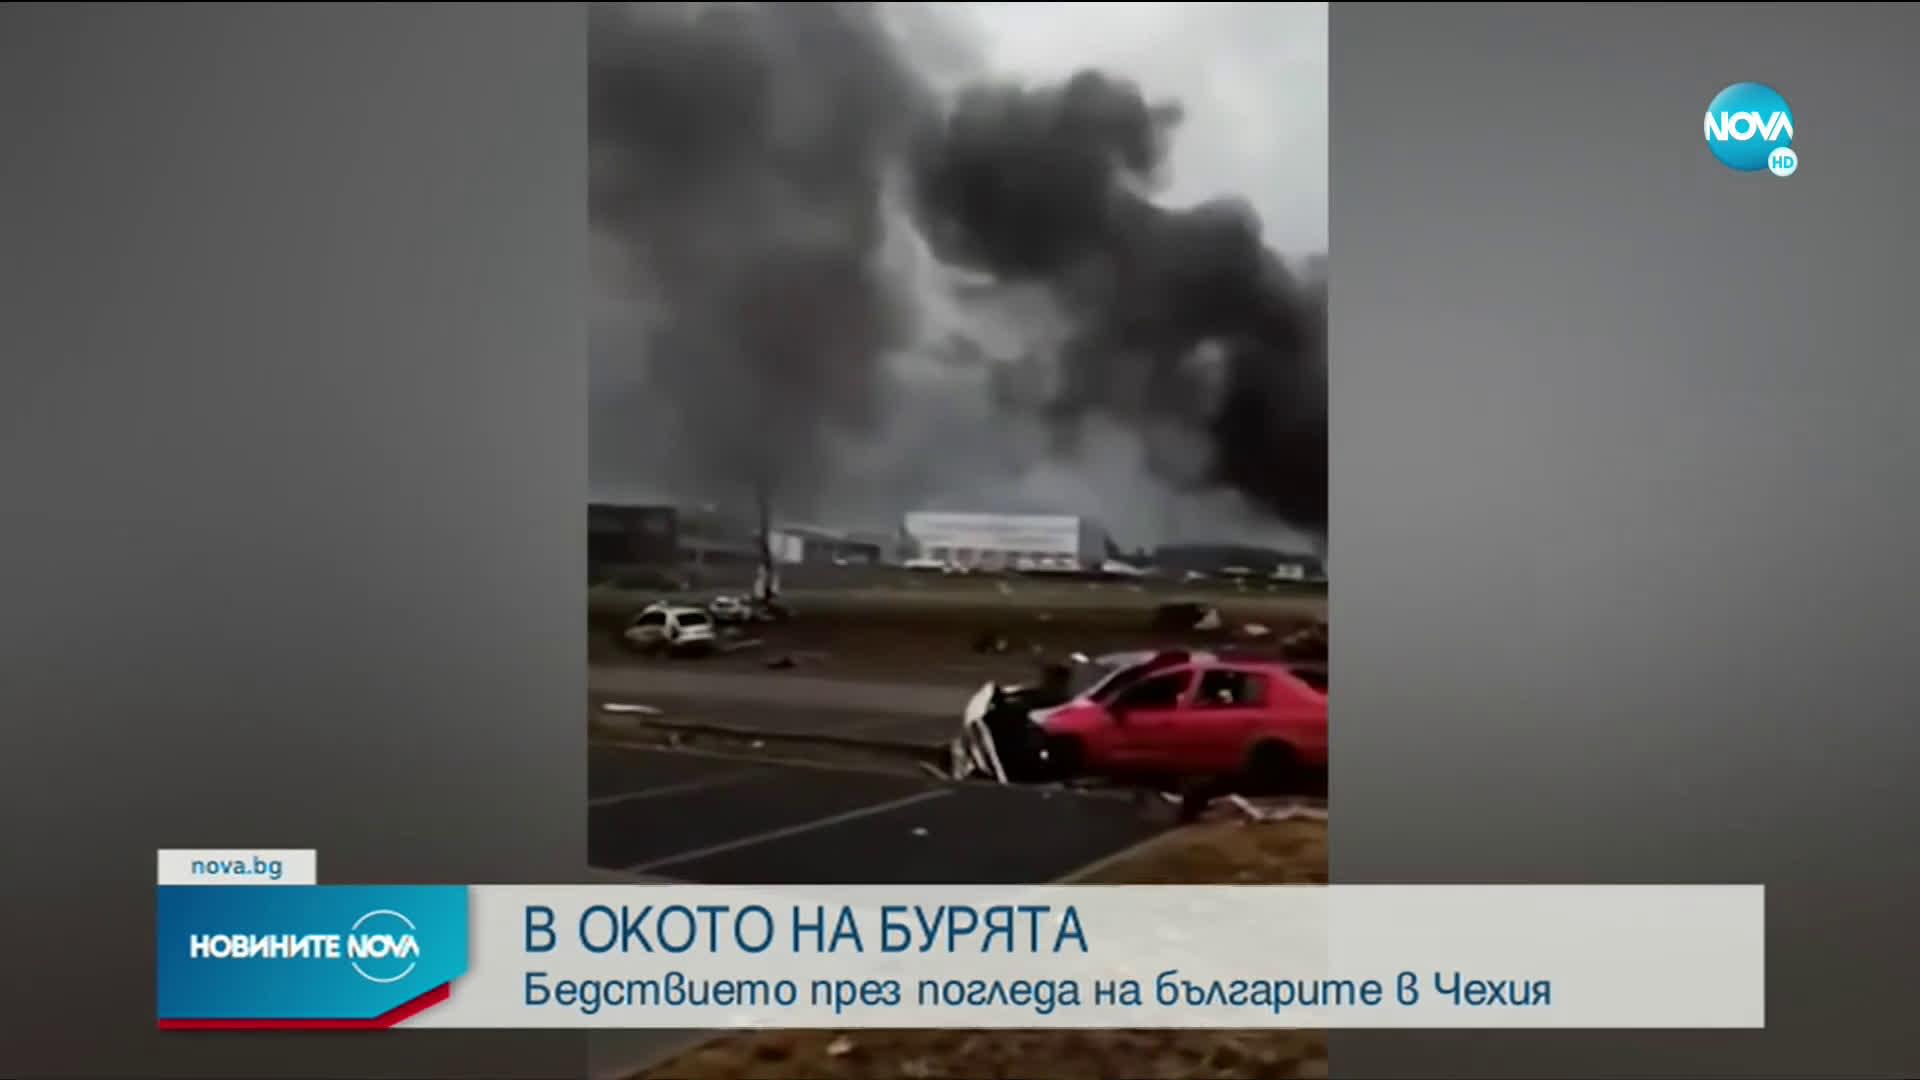 РАЗКАЗ ОТ ПЪРВО ЛИЦЕ: Българи за торнадото в Чехия